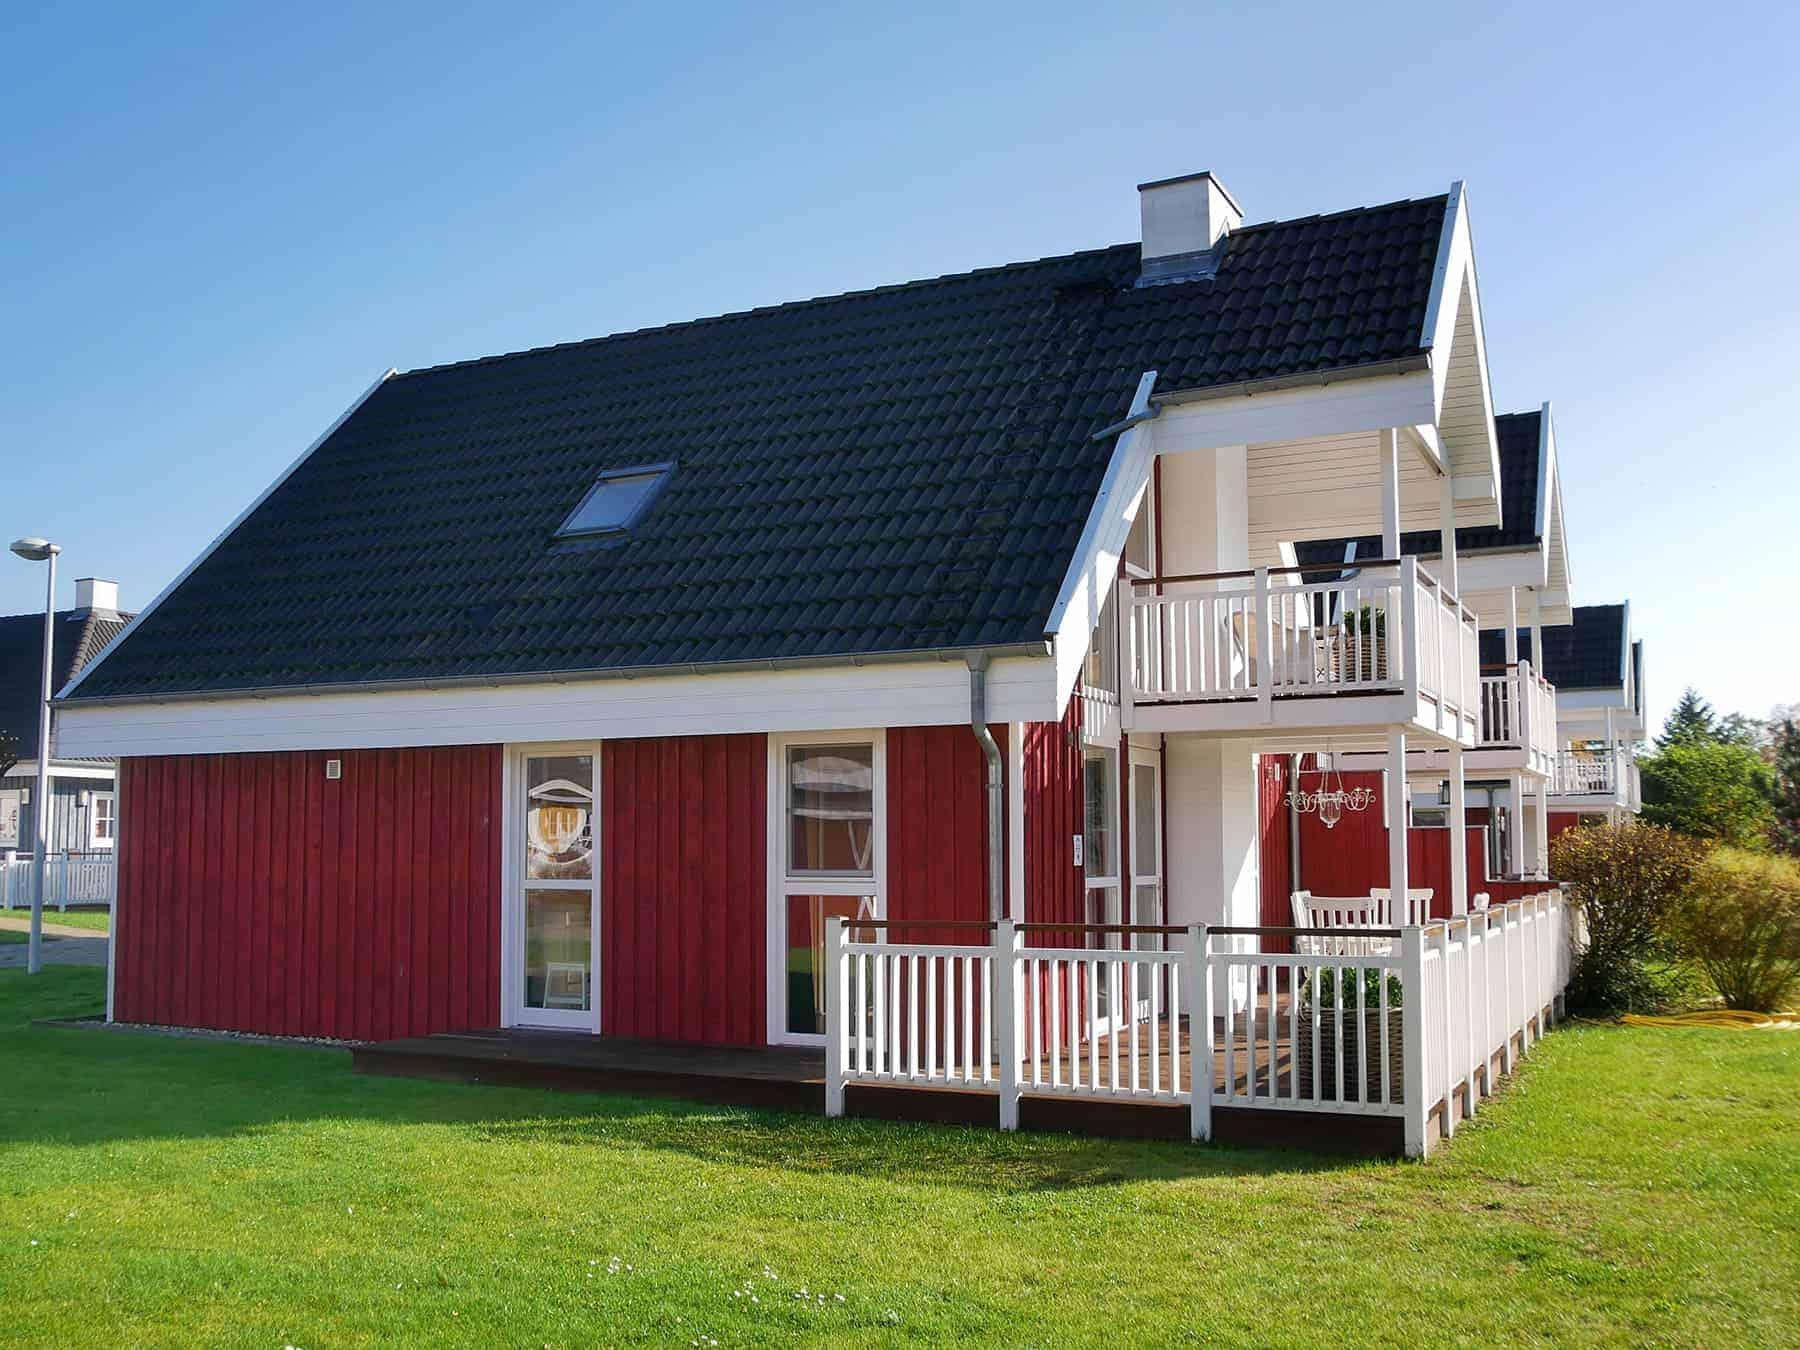 Ferienhaus Kolumbus mit Balkon & Terrasse inkl. Nebenkosten in Wendisch Rietz